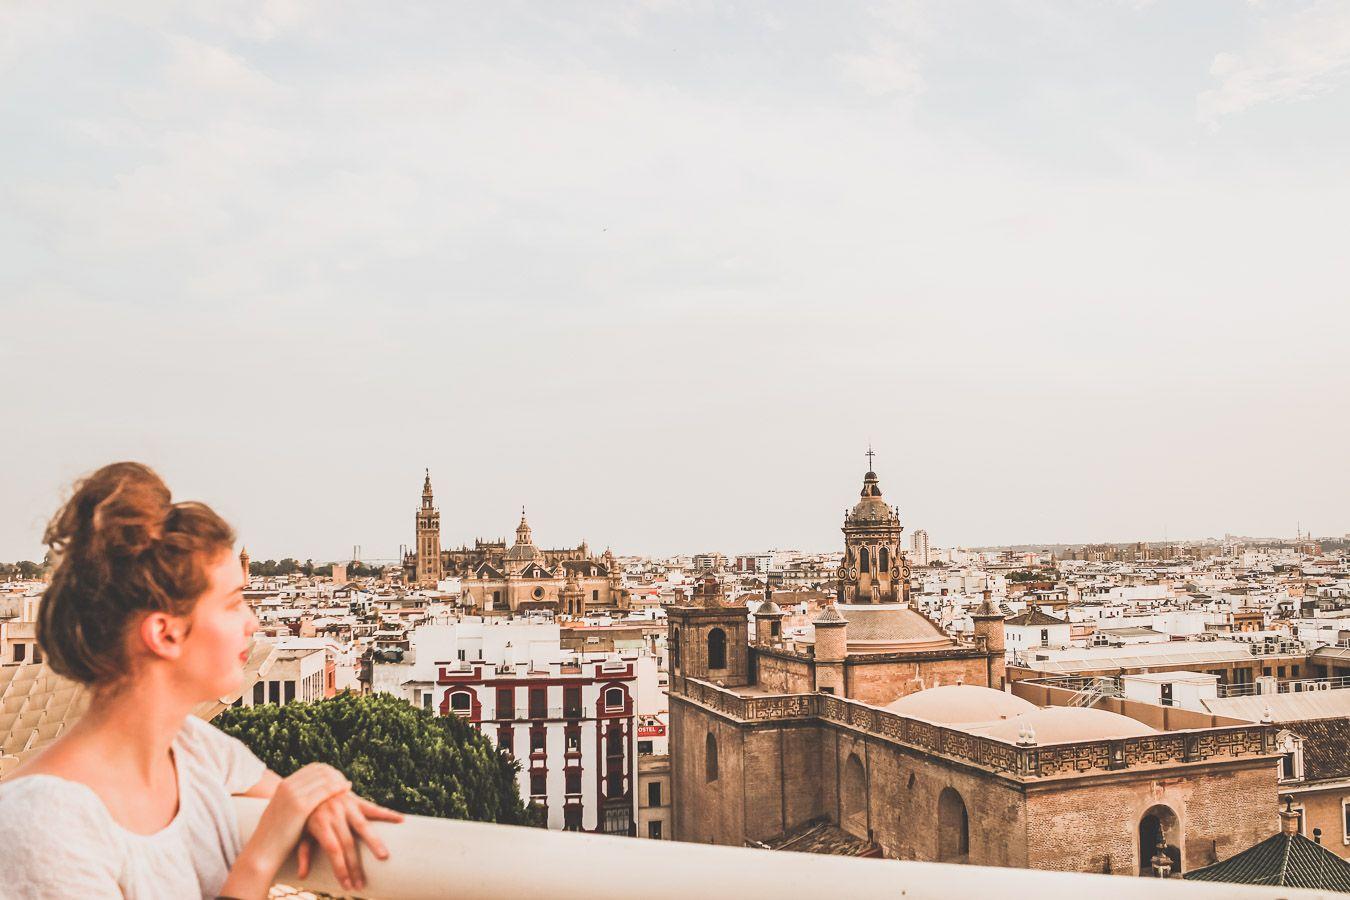 Vue sur Séville depuis le Metropol Parasol